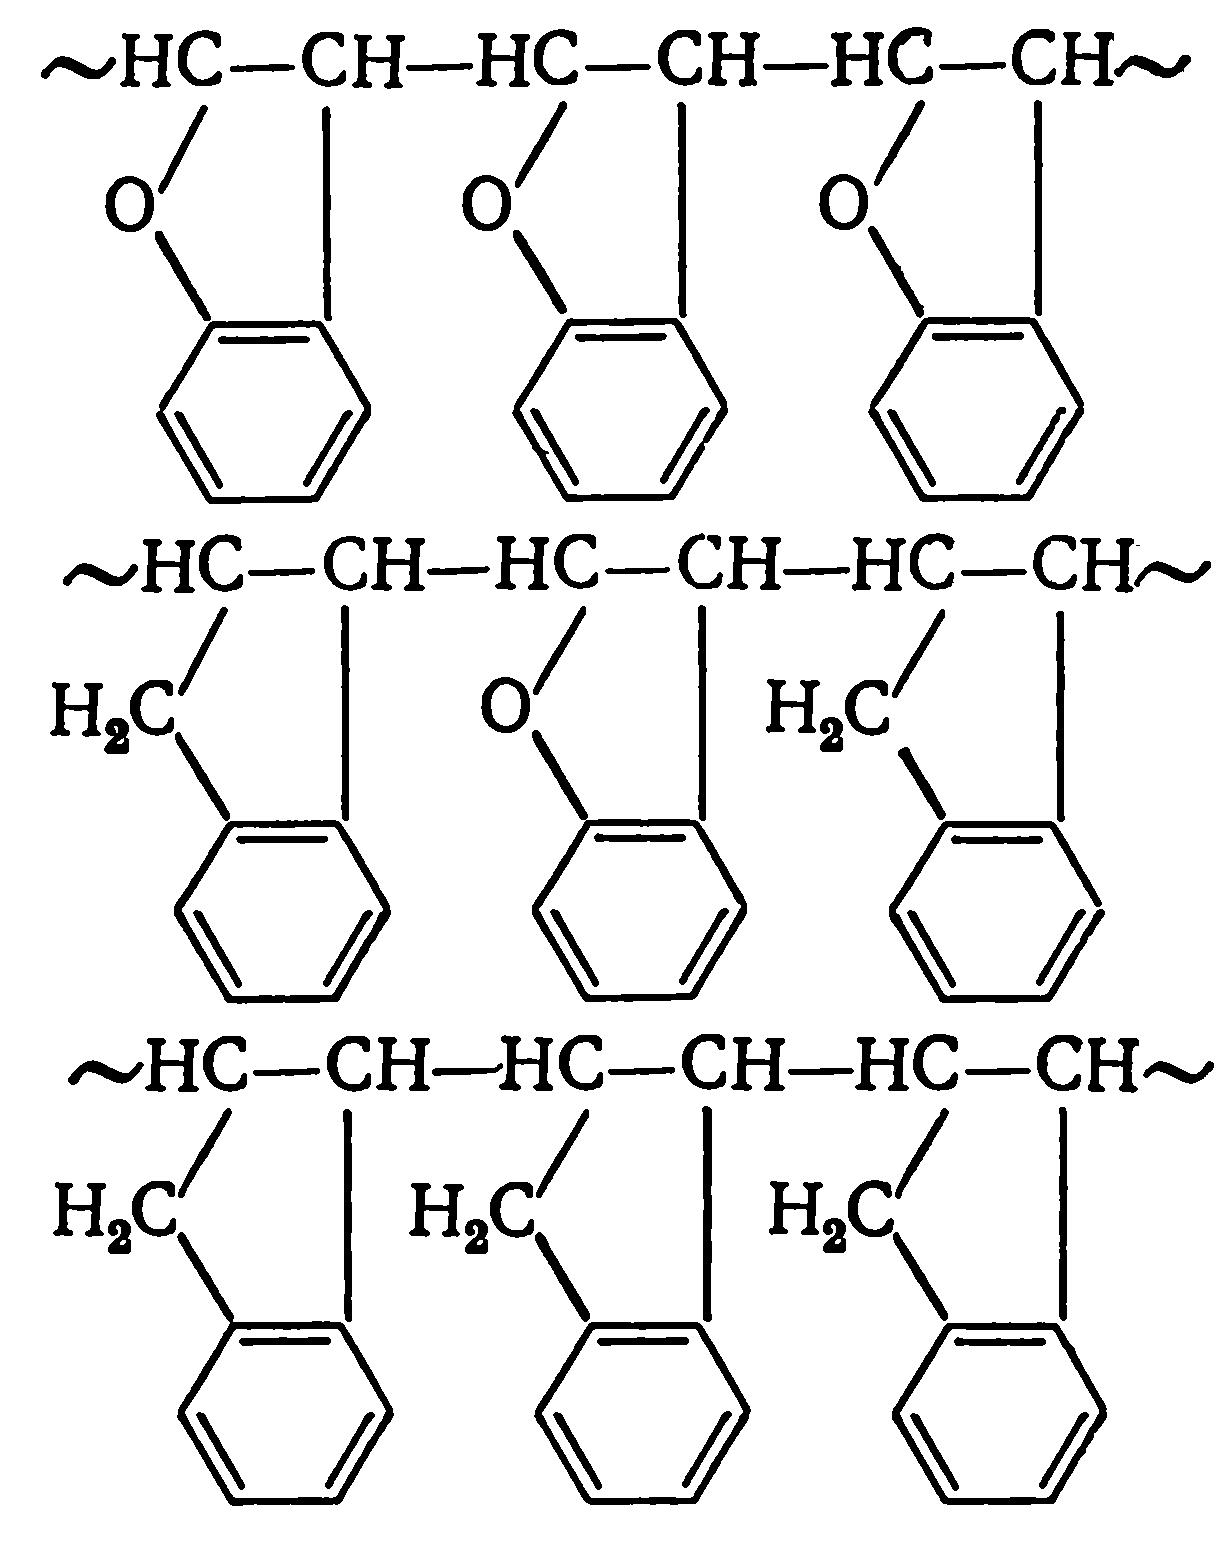 кумароно-инденовые полимеры